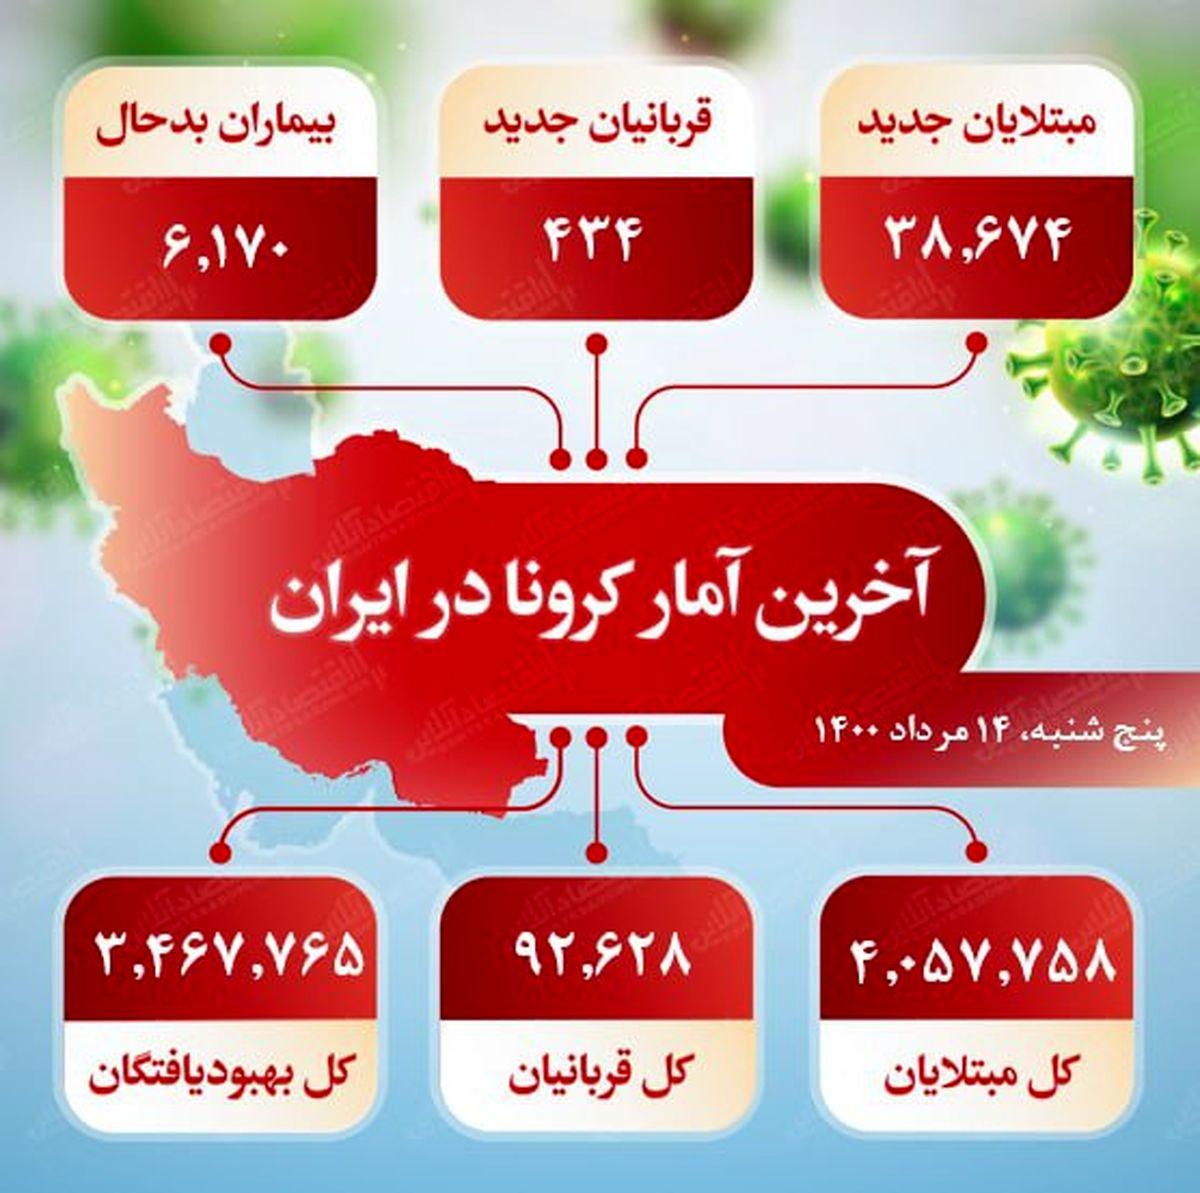 آخرین آمار کرونا در ایران (۱۴۰۰/۵/۱۴)